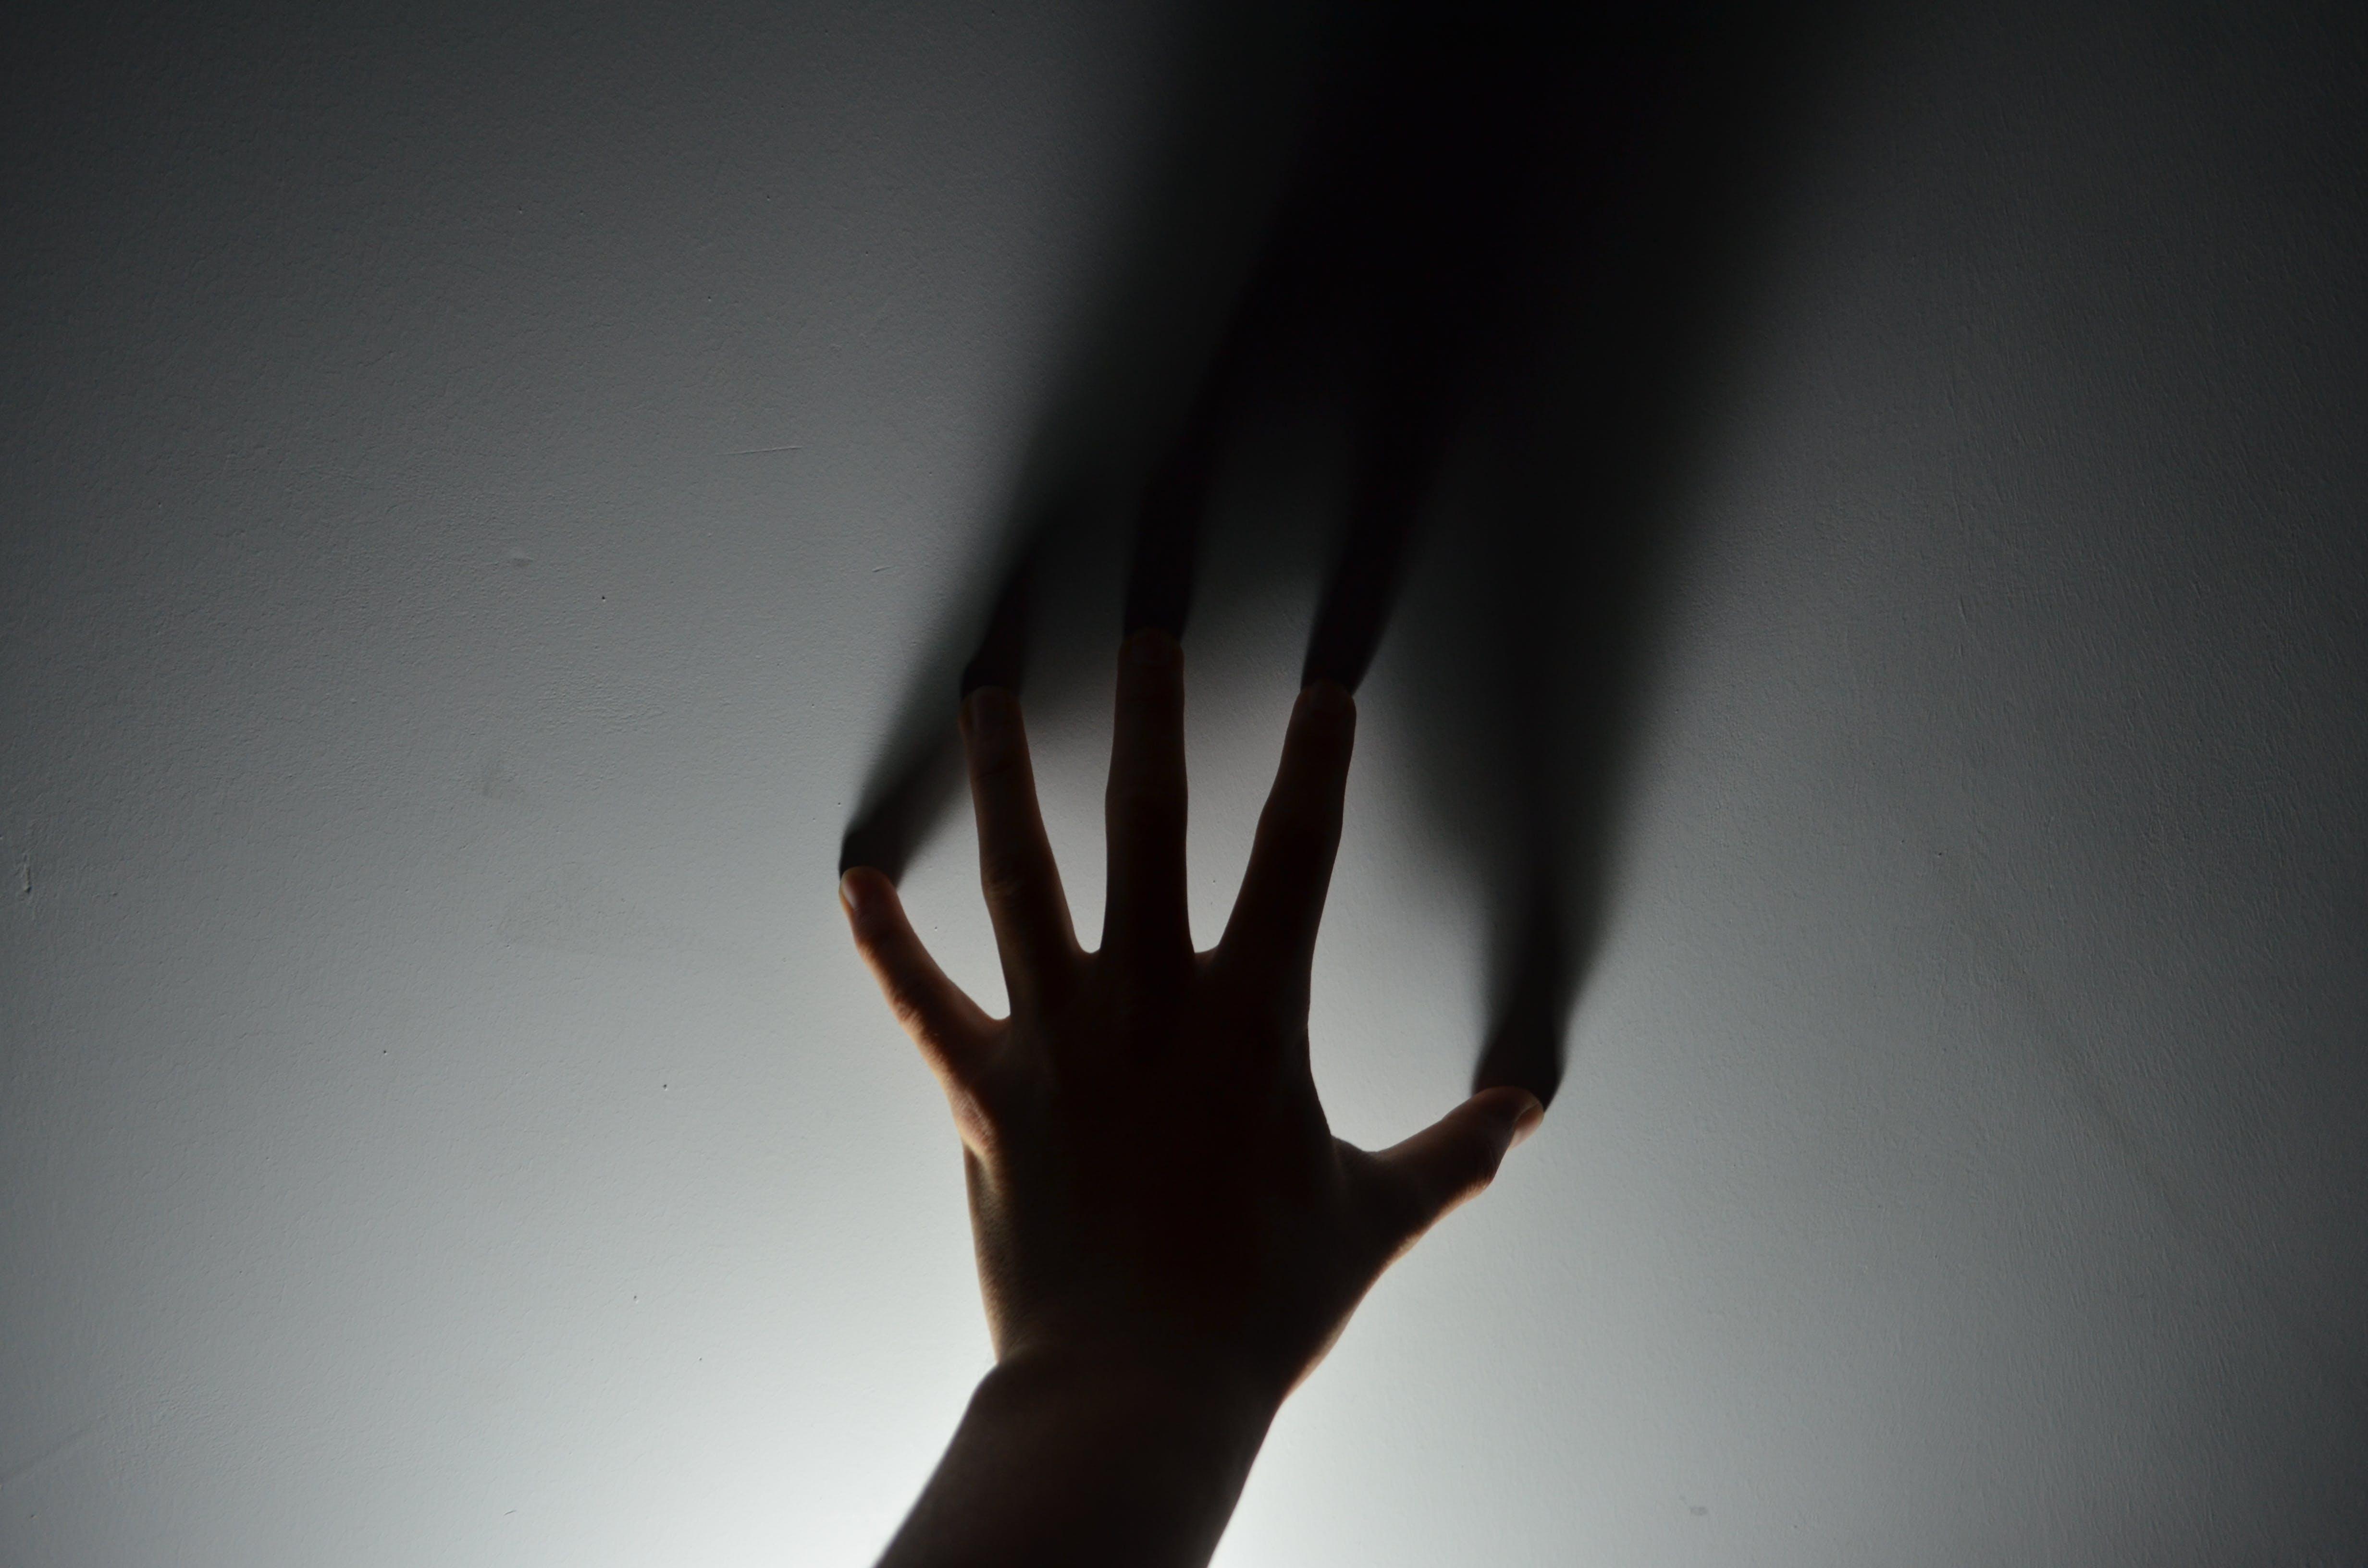 Kostenloses Stock Foto zu begrifflich, dunkel, finger, hand